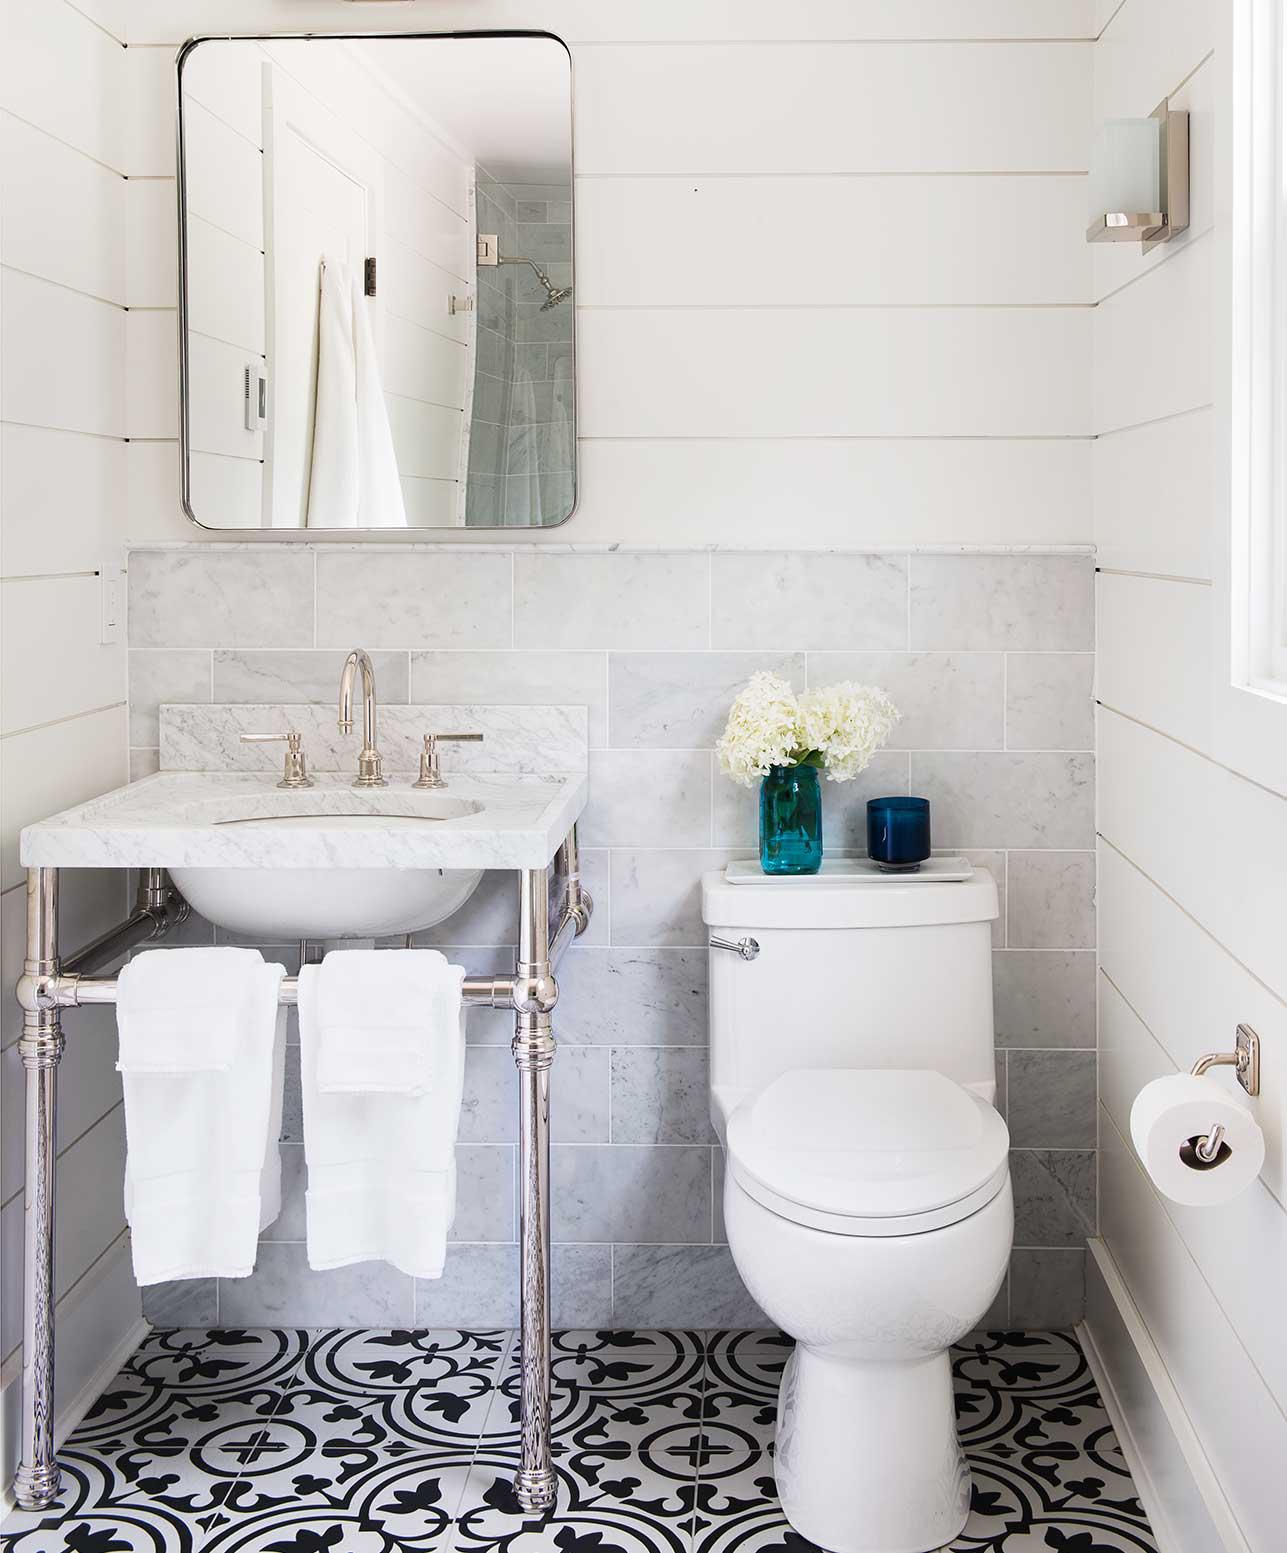 Curata obiectele sanitare din baie